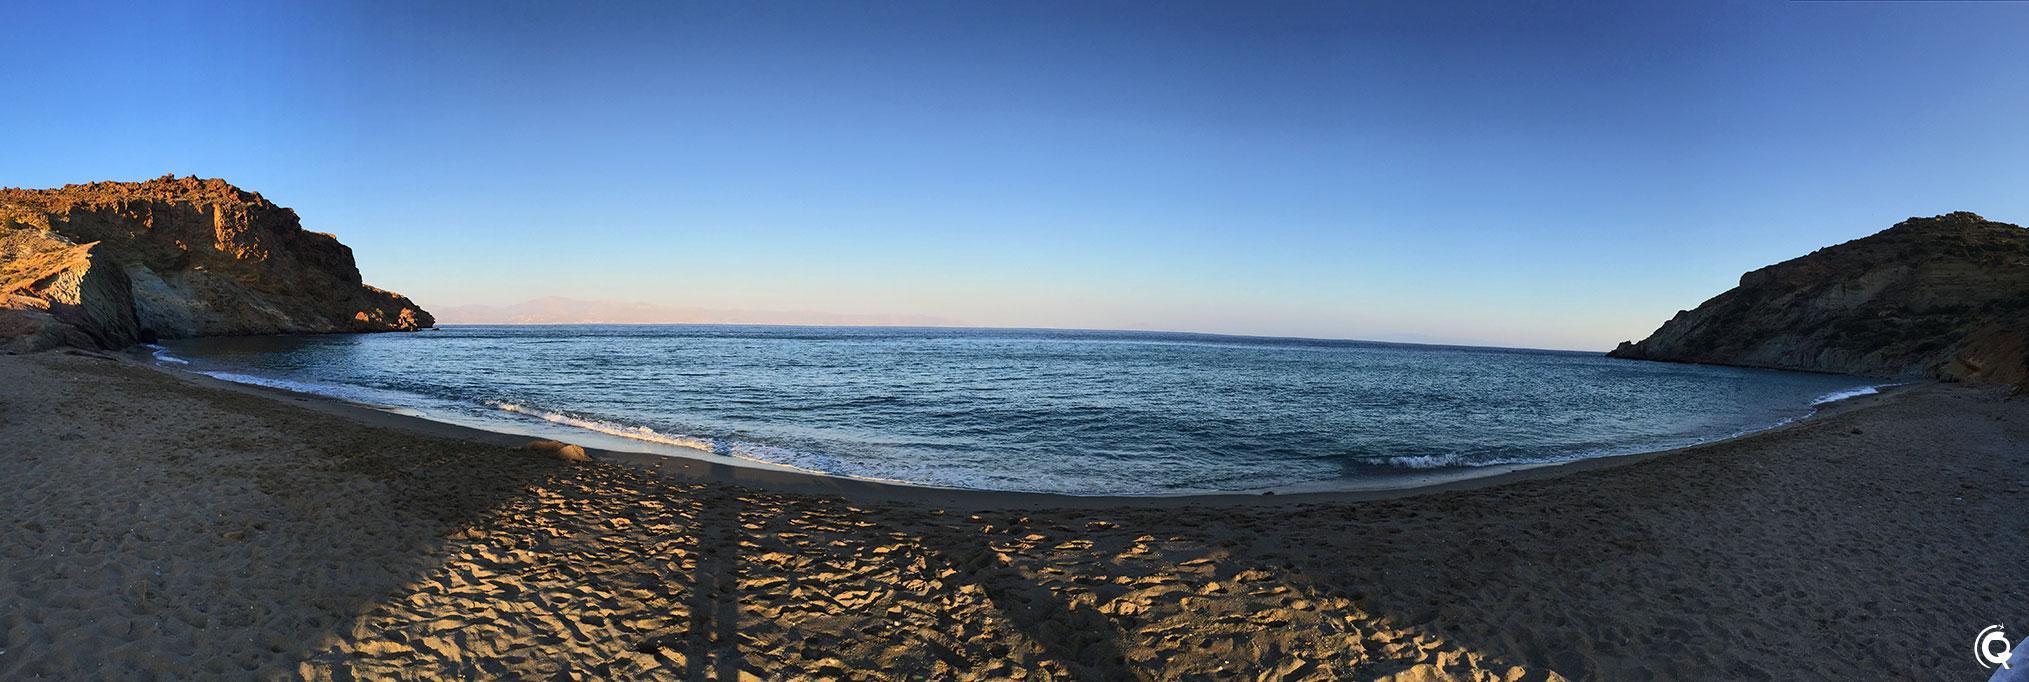 Kalogeros beach, la plage d'argile